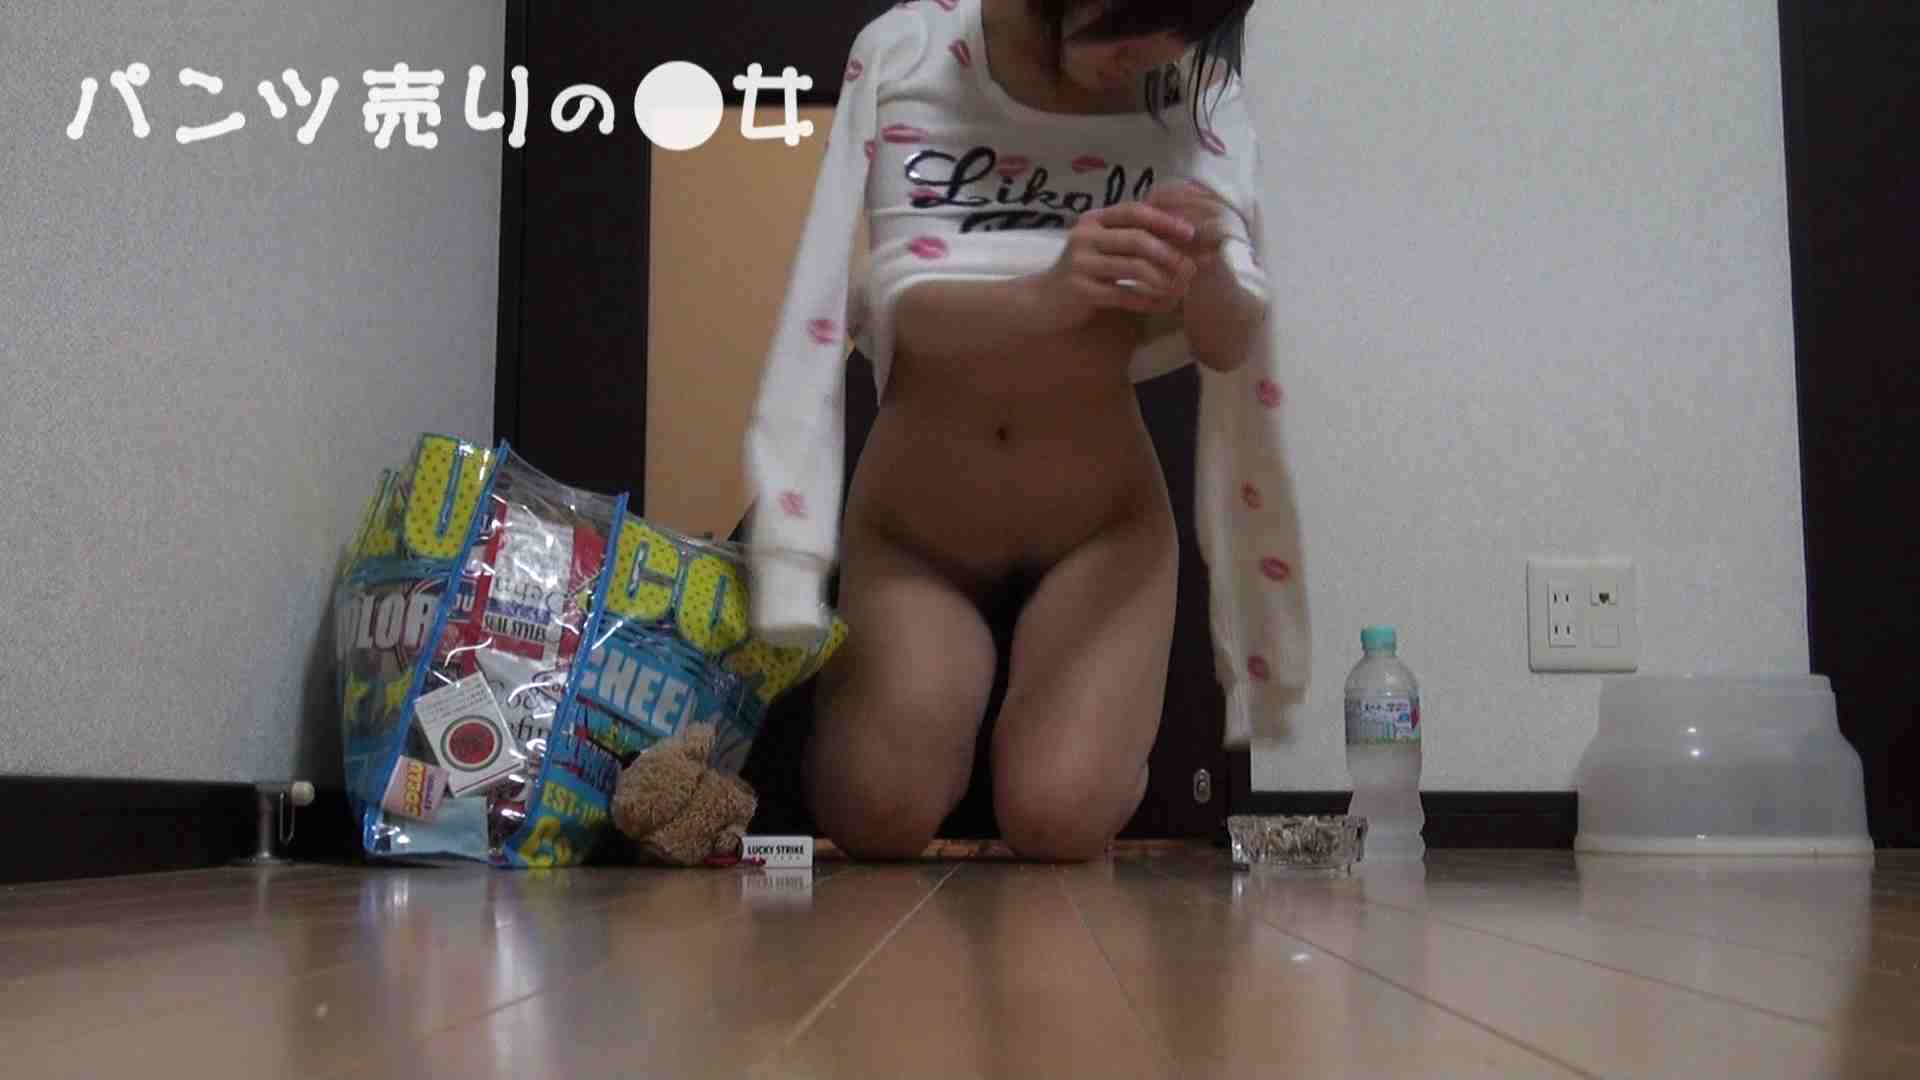 新説 パンツ売りの女の子nana02 覗き 隠し撮りオマンコ動画紹介 103PIX 11